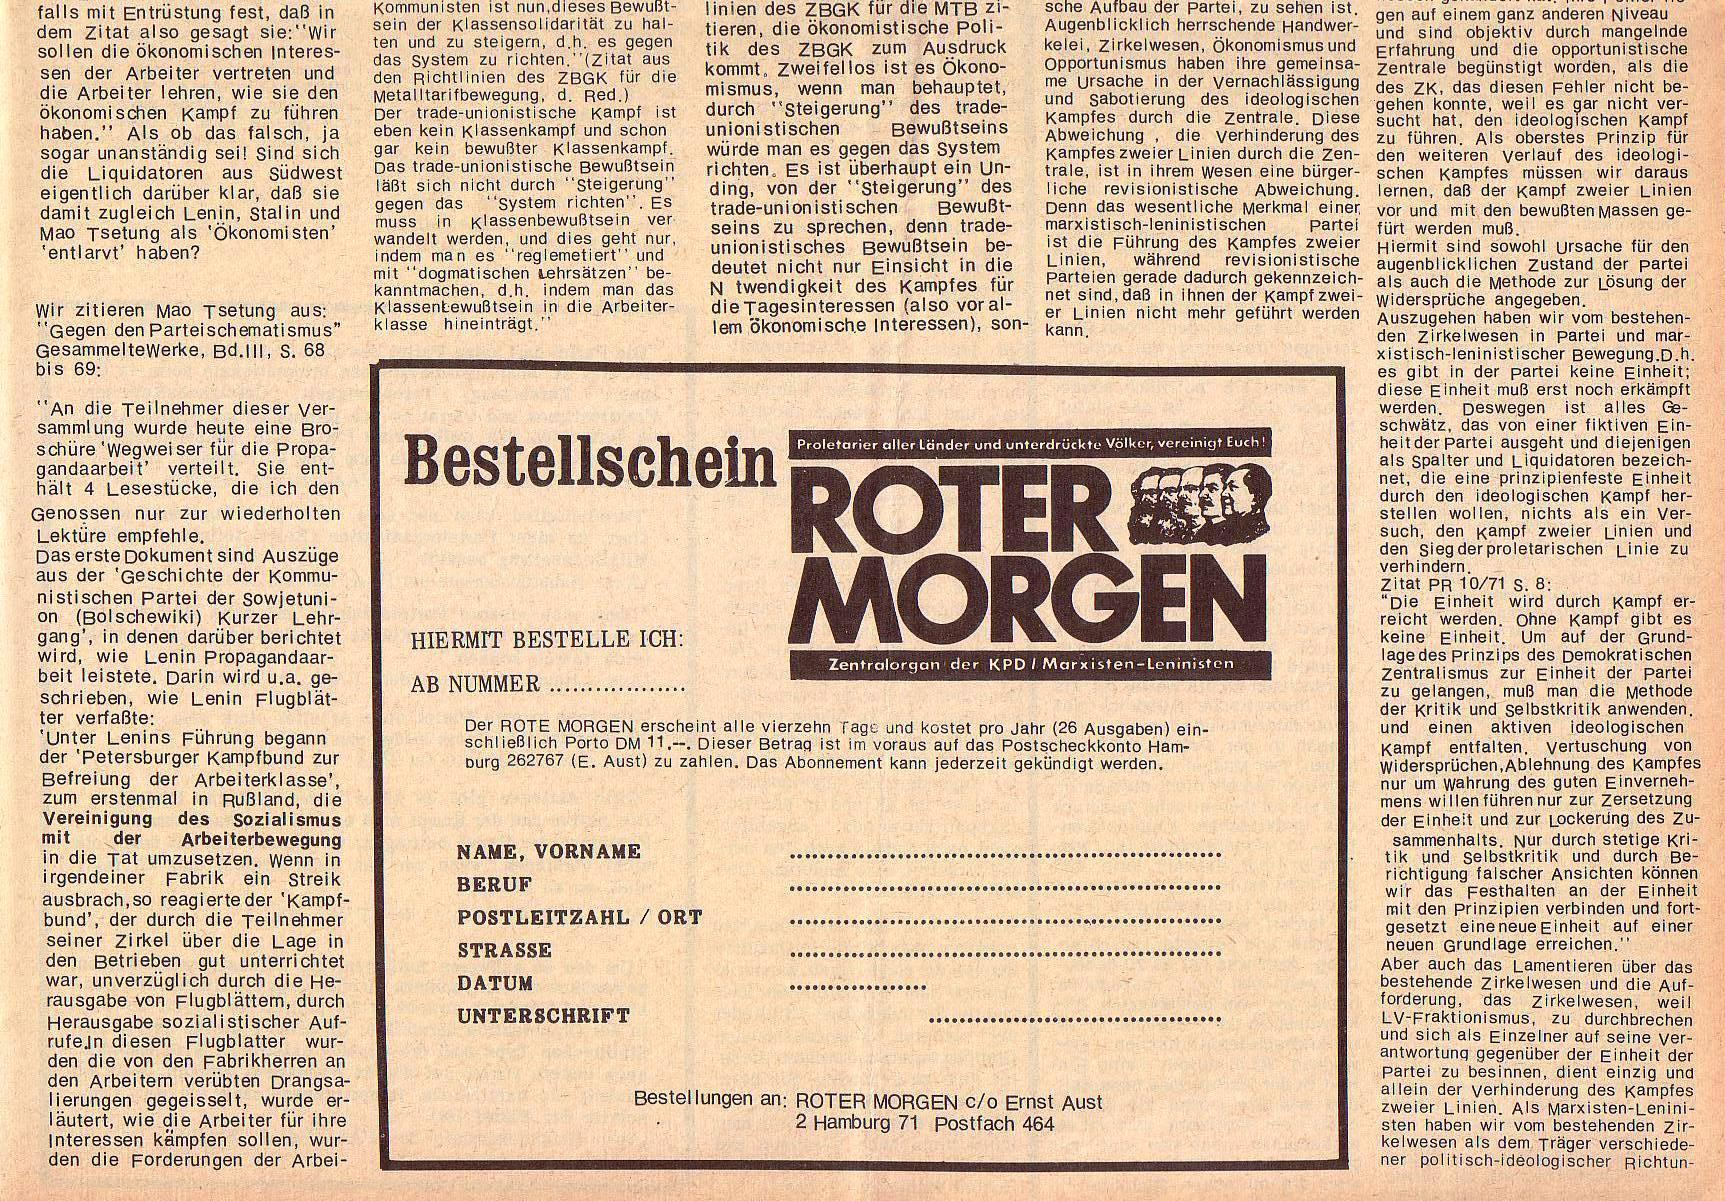 Roter Morgen, 5. Jg., 27. Dezember 1971, Sondernummer, Seite 7b